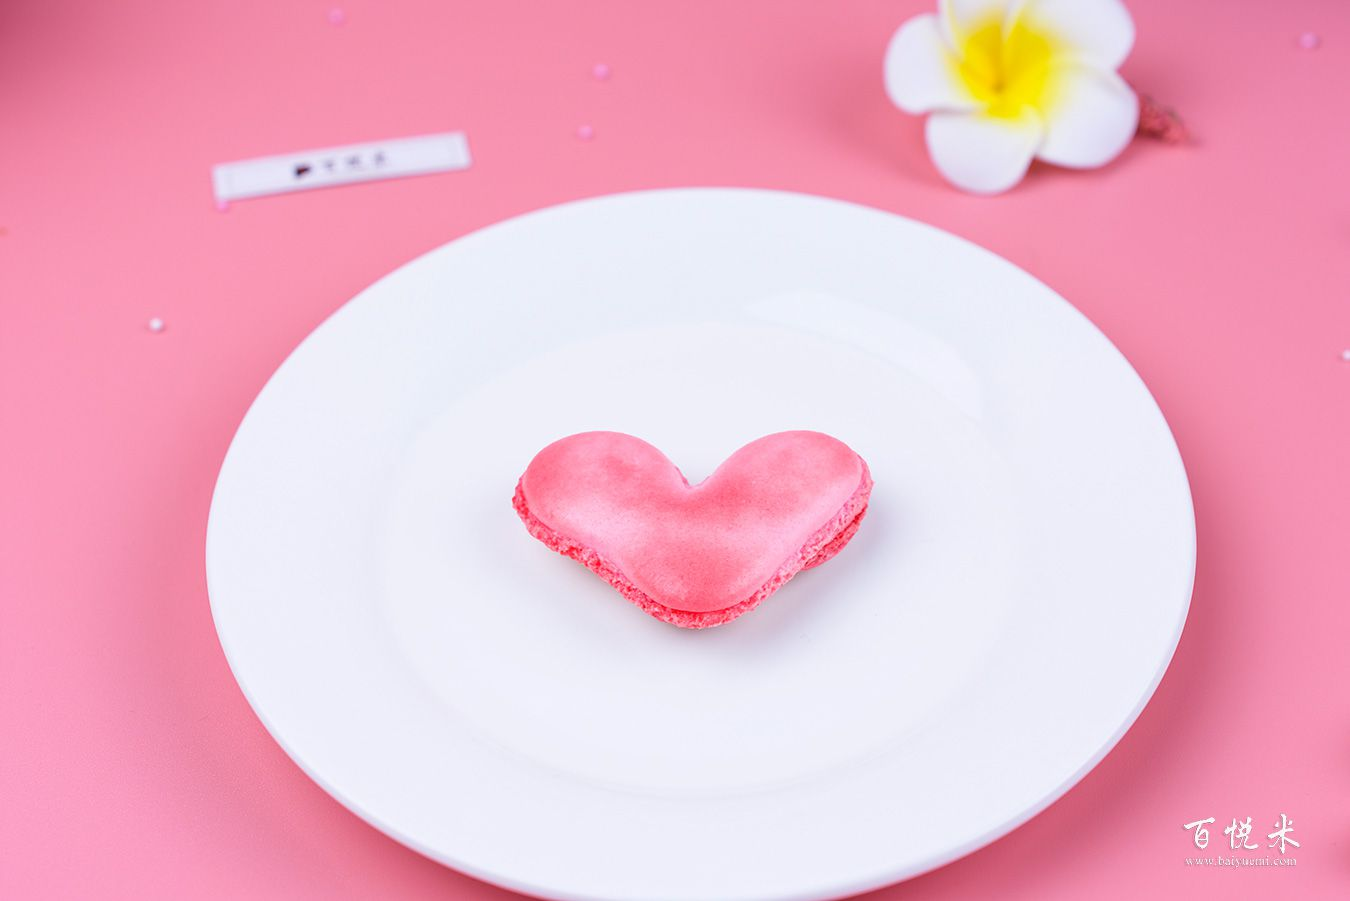 爱心马卡龙高清图片大全【蛋糕图片】_729